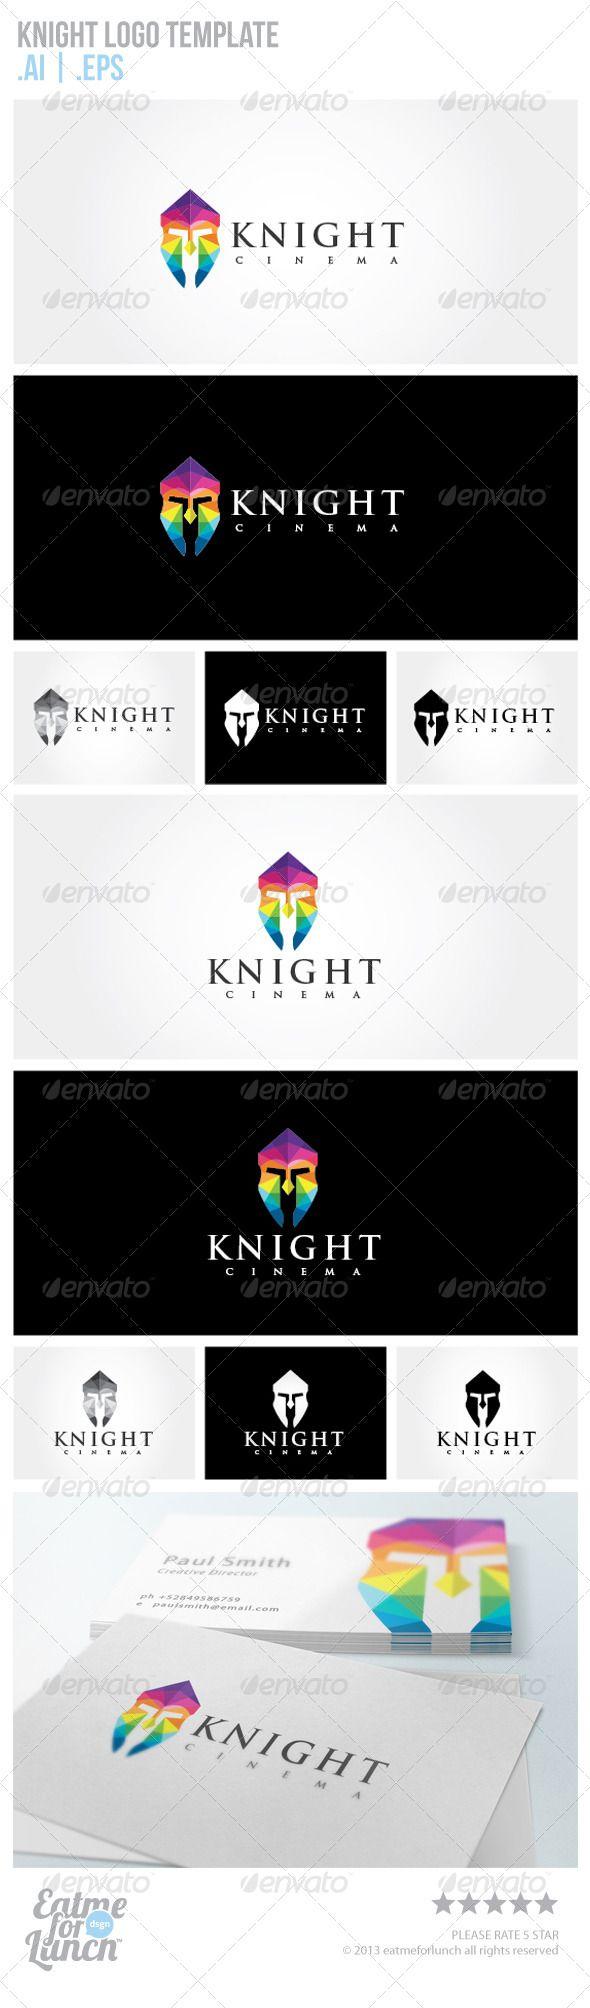 Knight Logo Template Logo Templates Knight Logo Premade Logo Templates